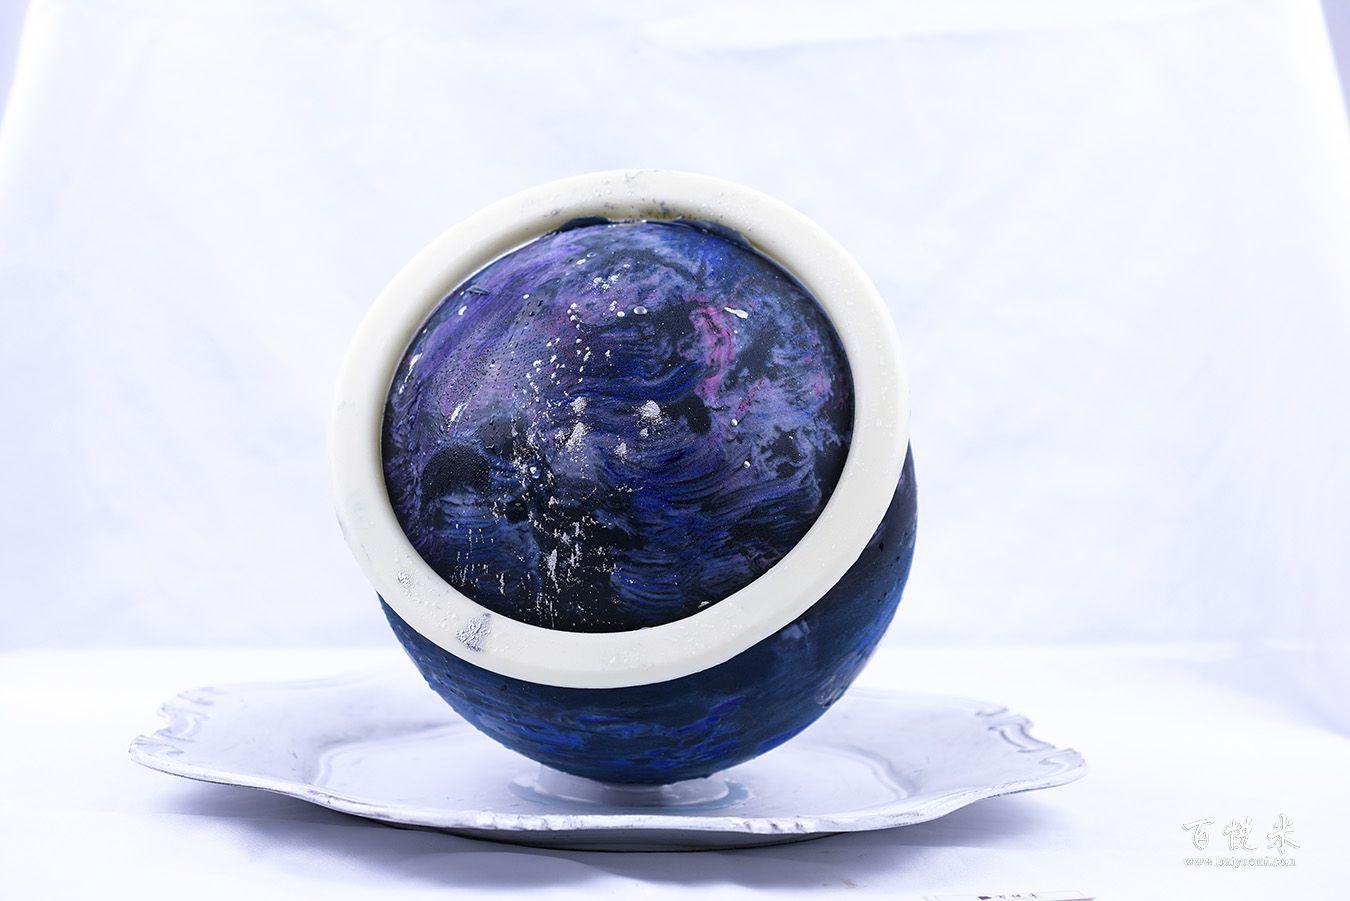 巧克力星球高清图片大全【蛋糕图片】_1226